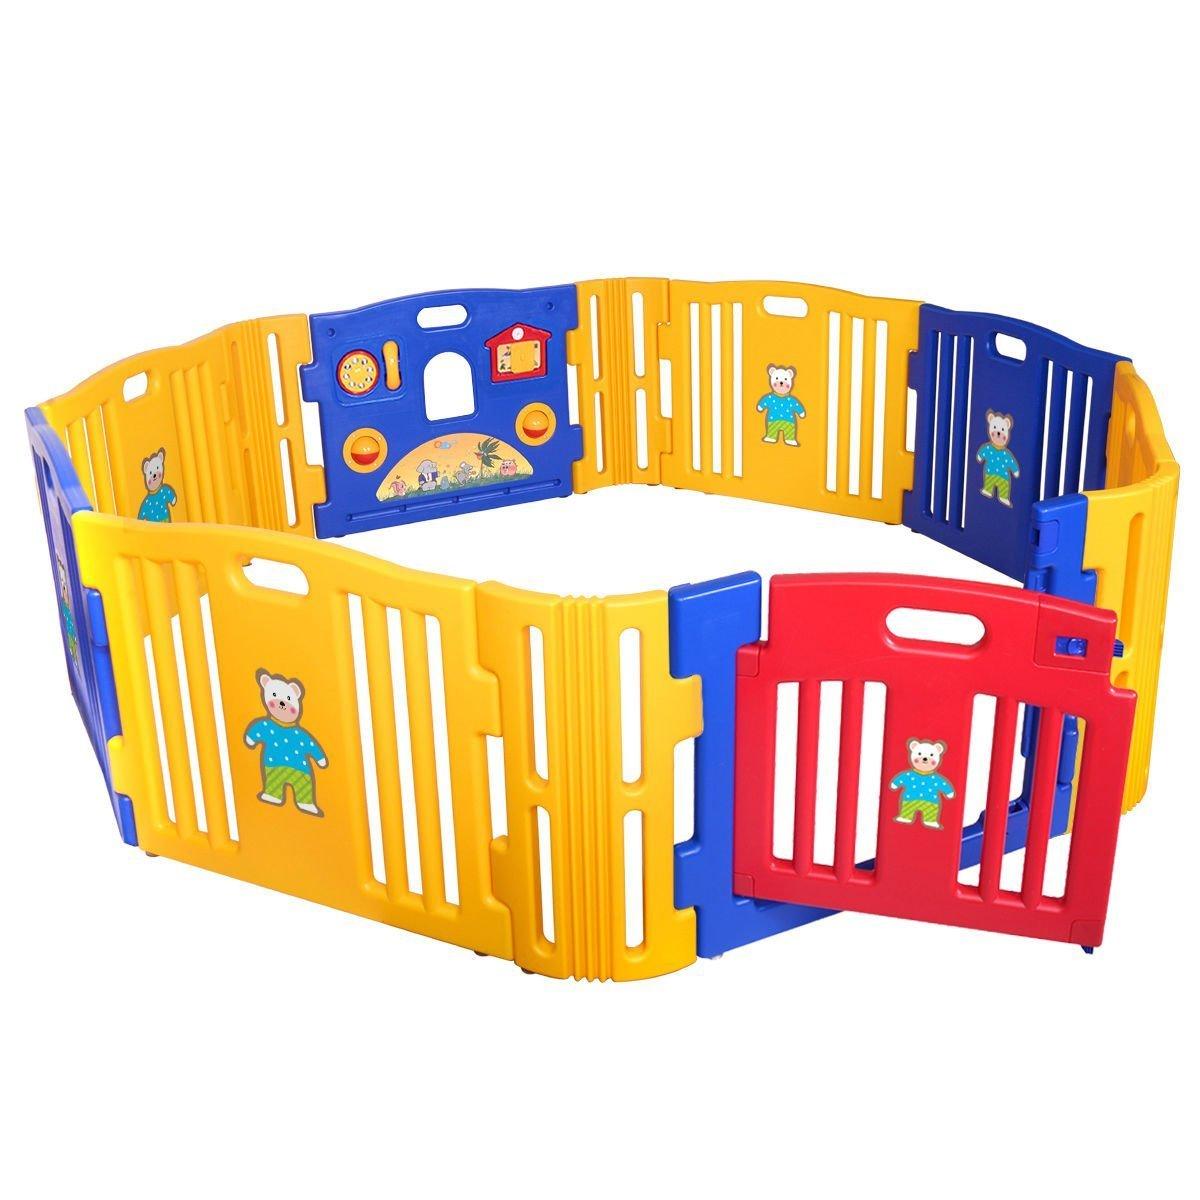 Renewed New Baby Playpen Kids 8 Panel Safety Play Center Yard Home Indoor Outdoor Pen